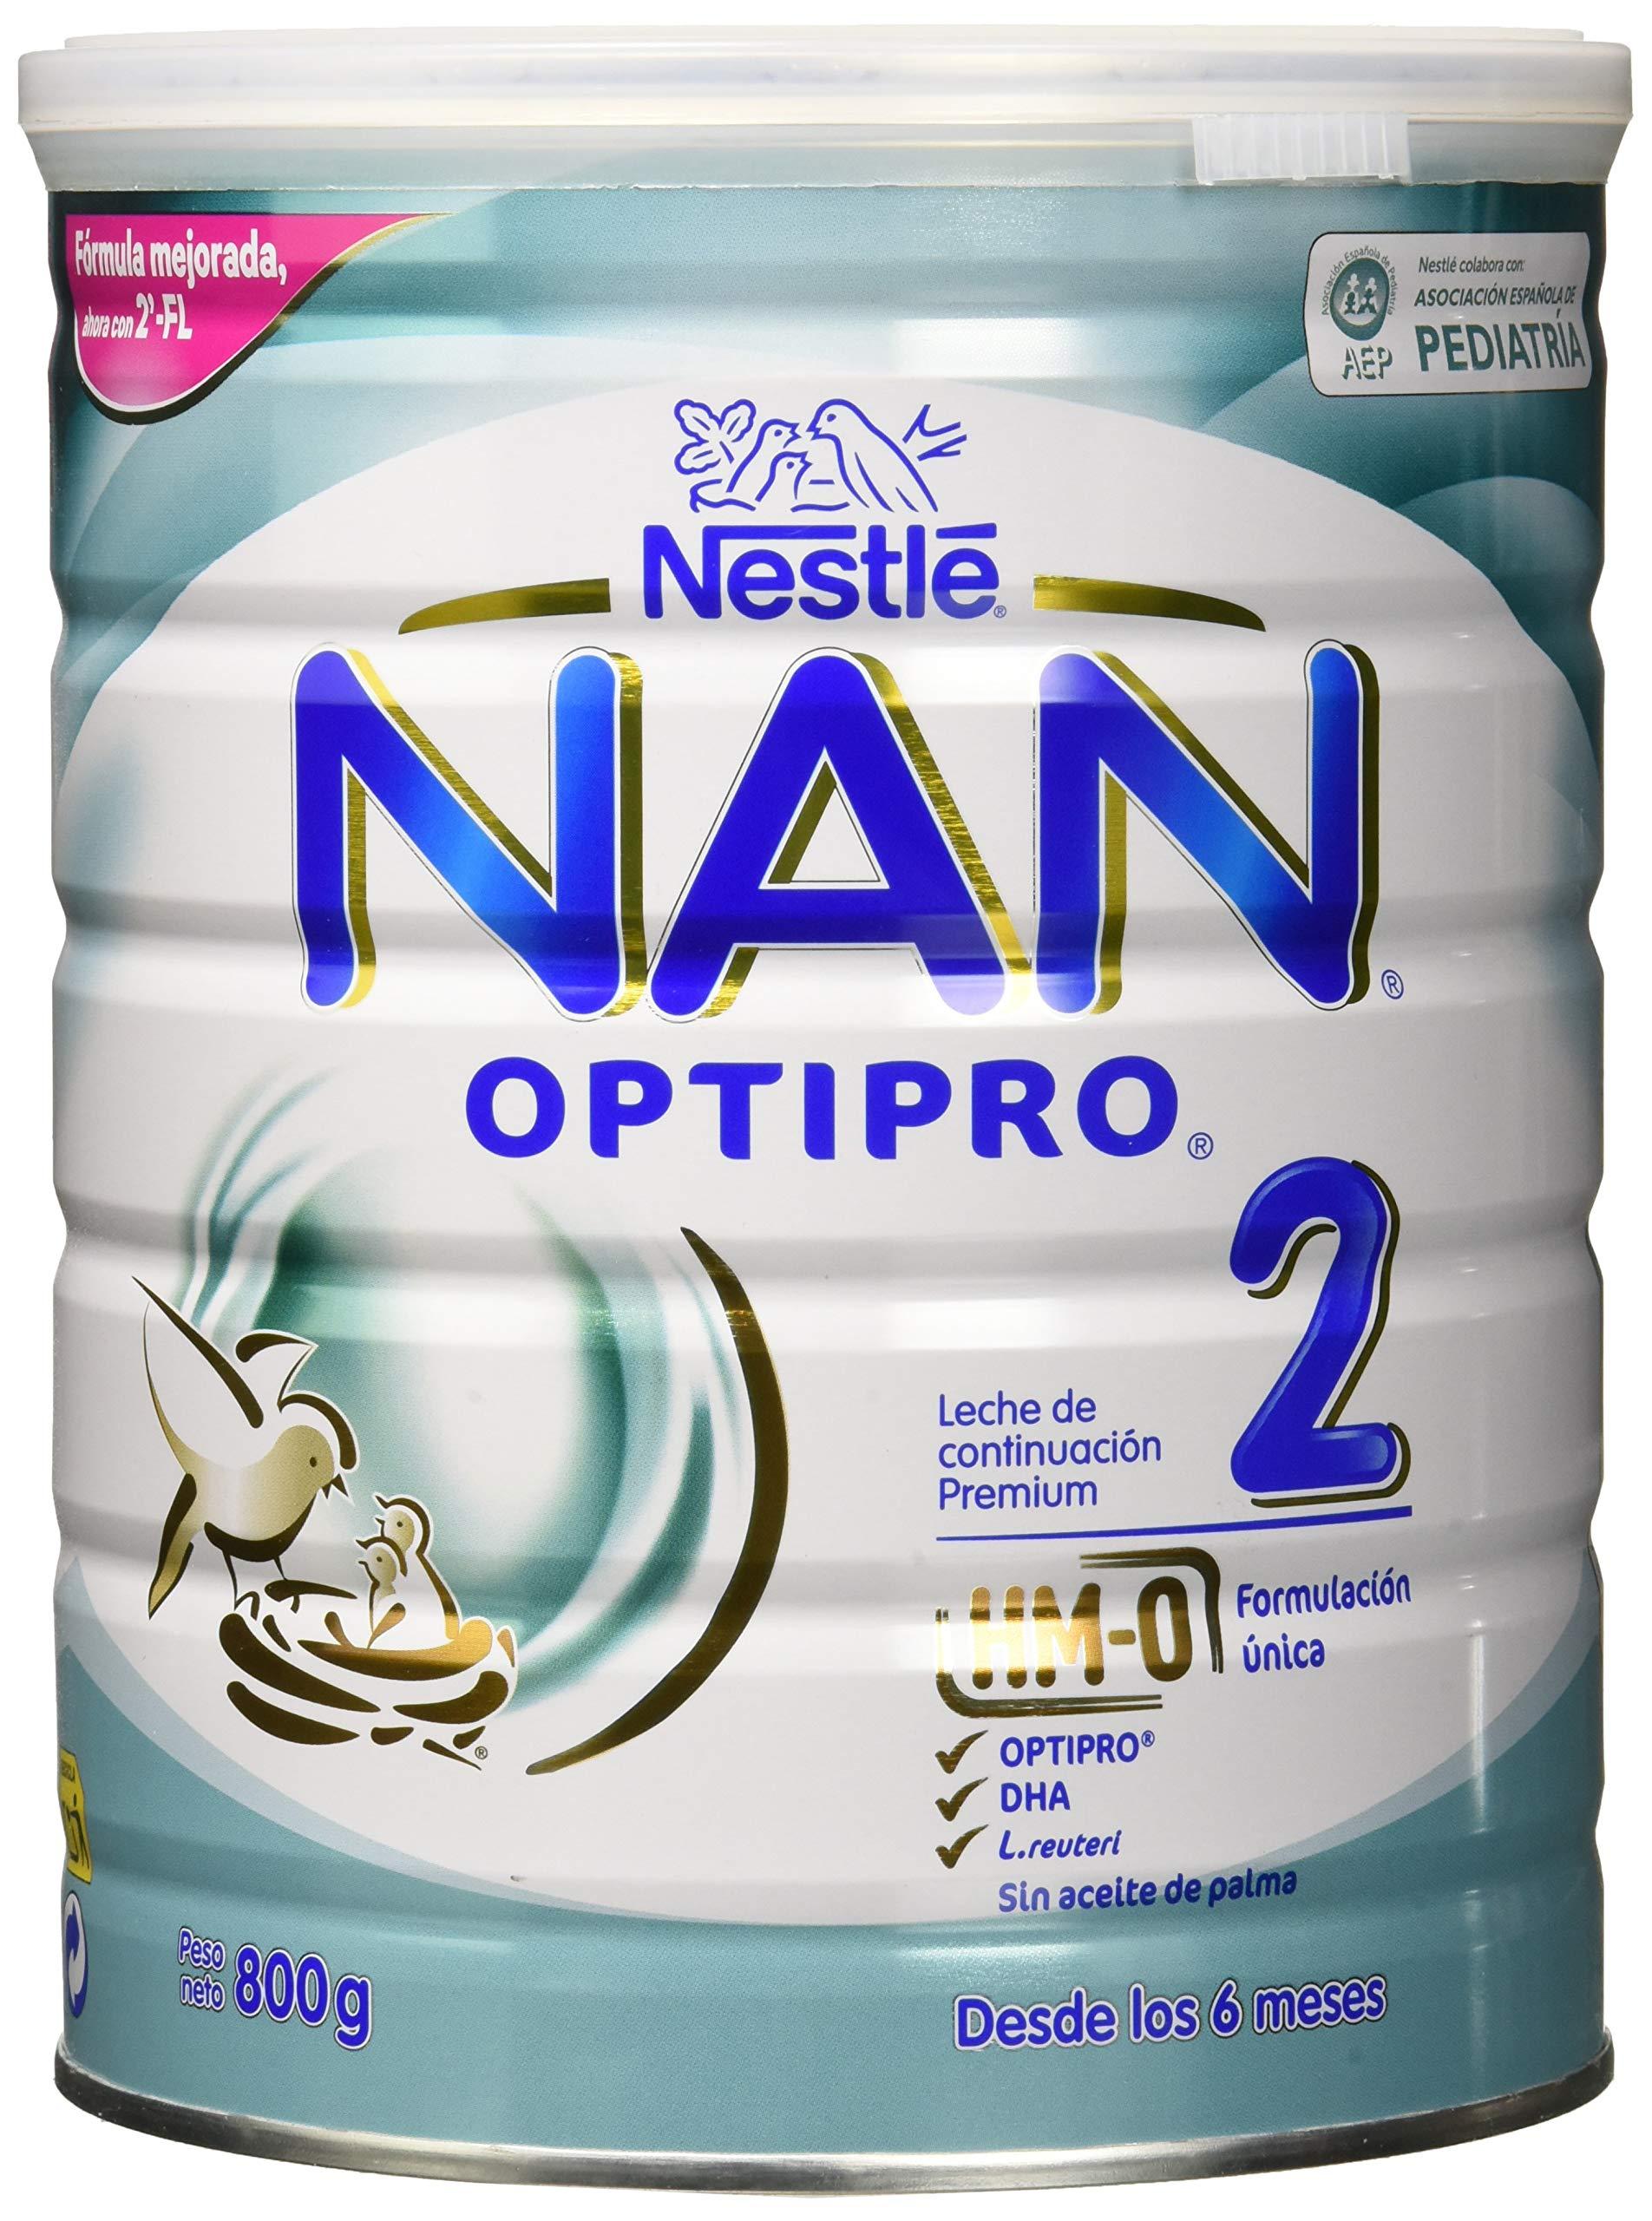 NAN OPTIPRO 2 – Leche de continuación en polvo – Fórmula para bebé – A partir de los 6 meses – 800g